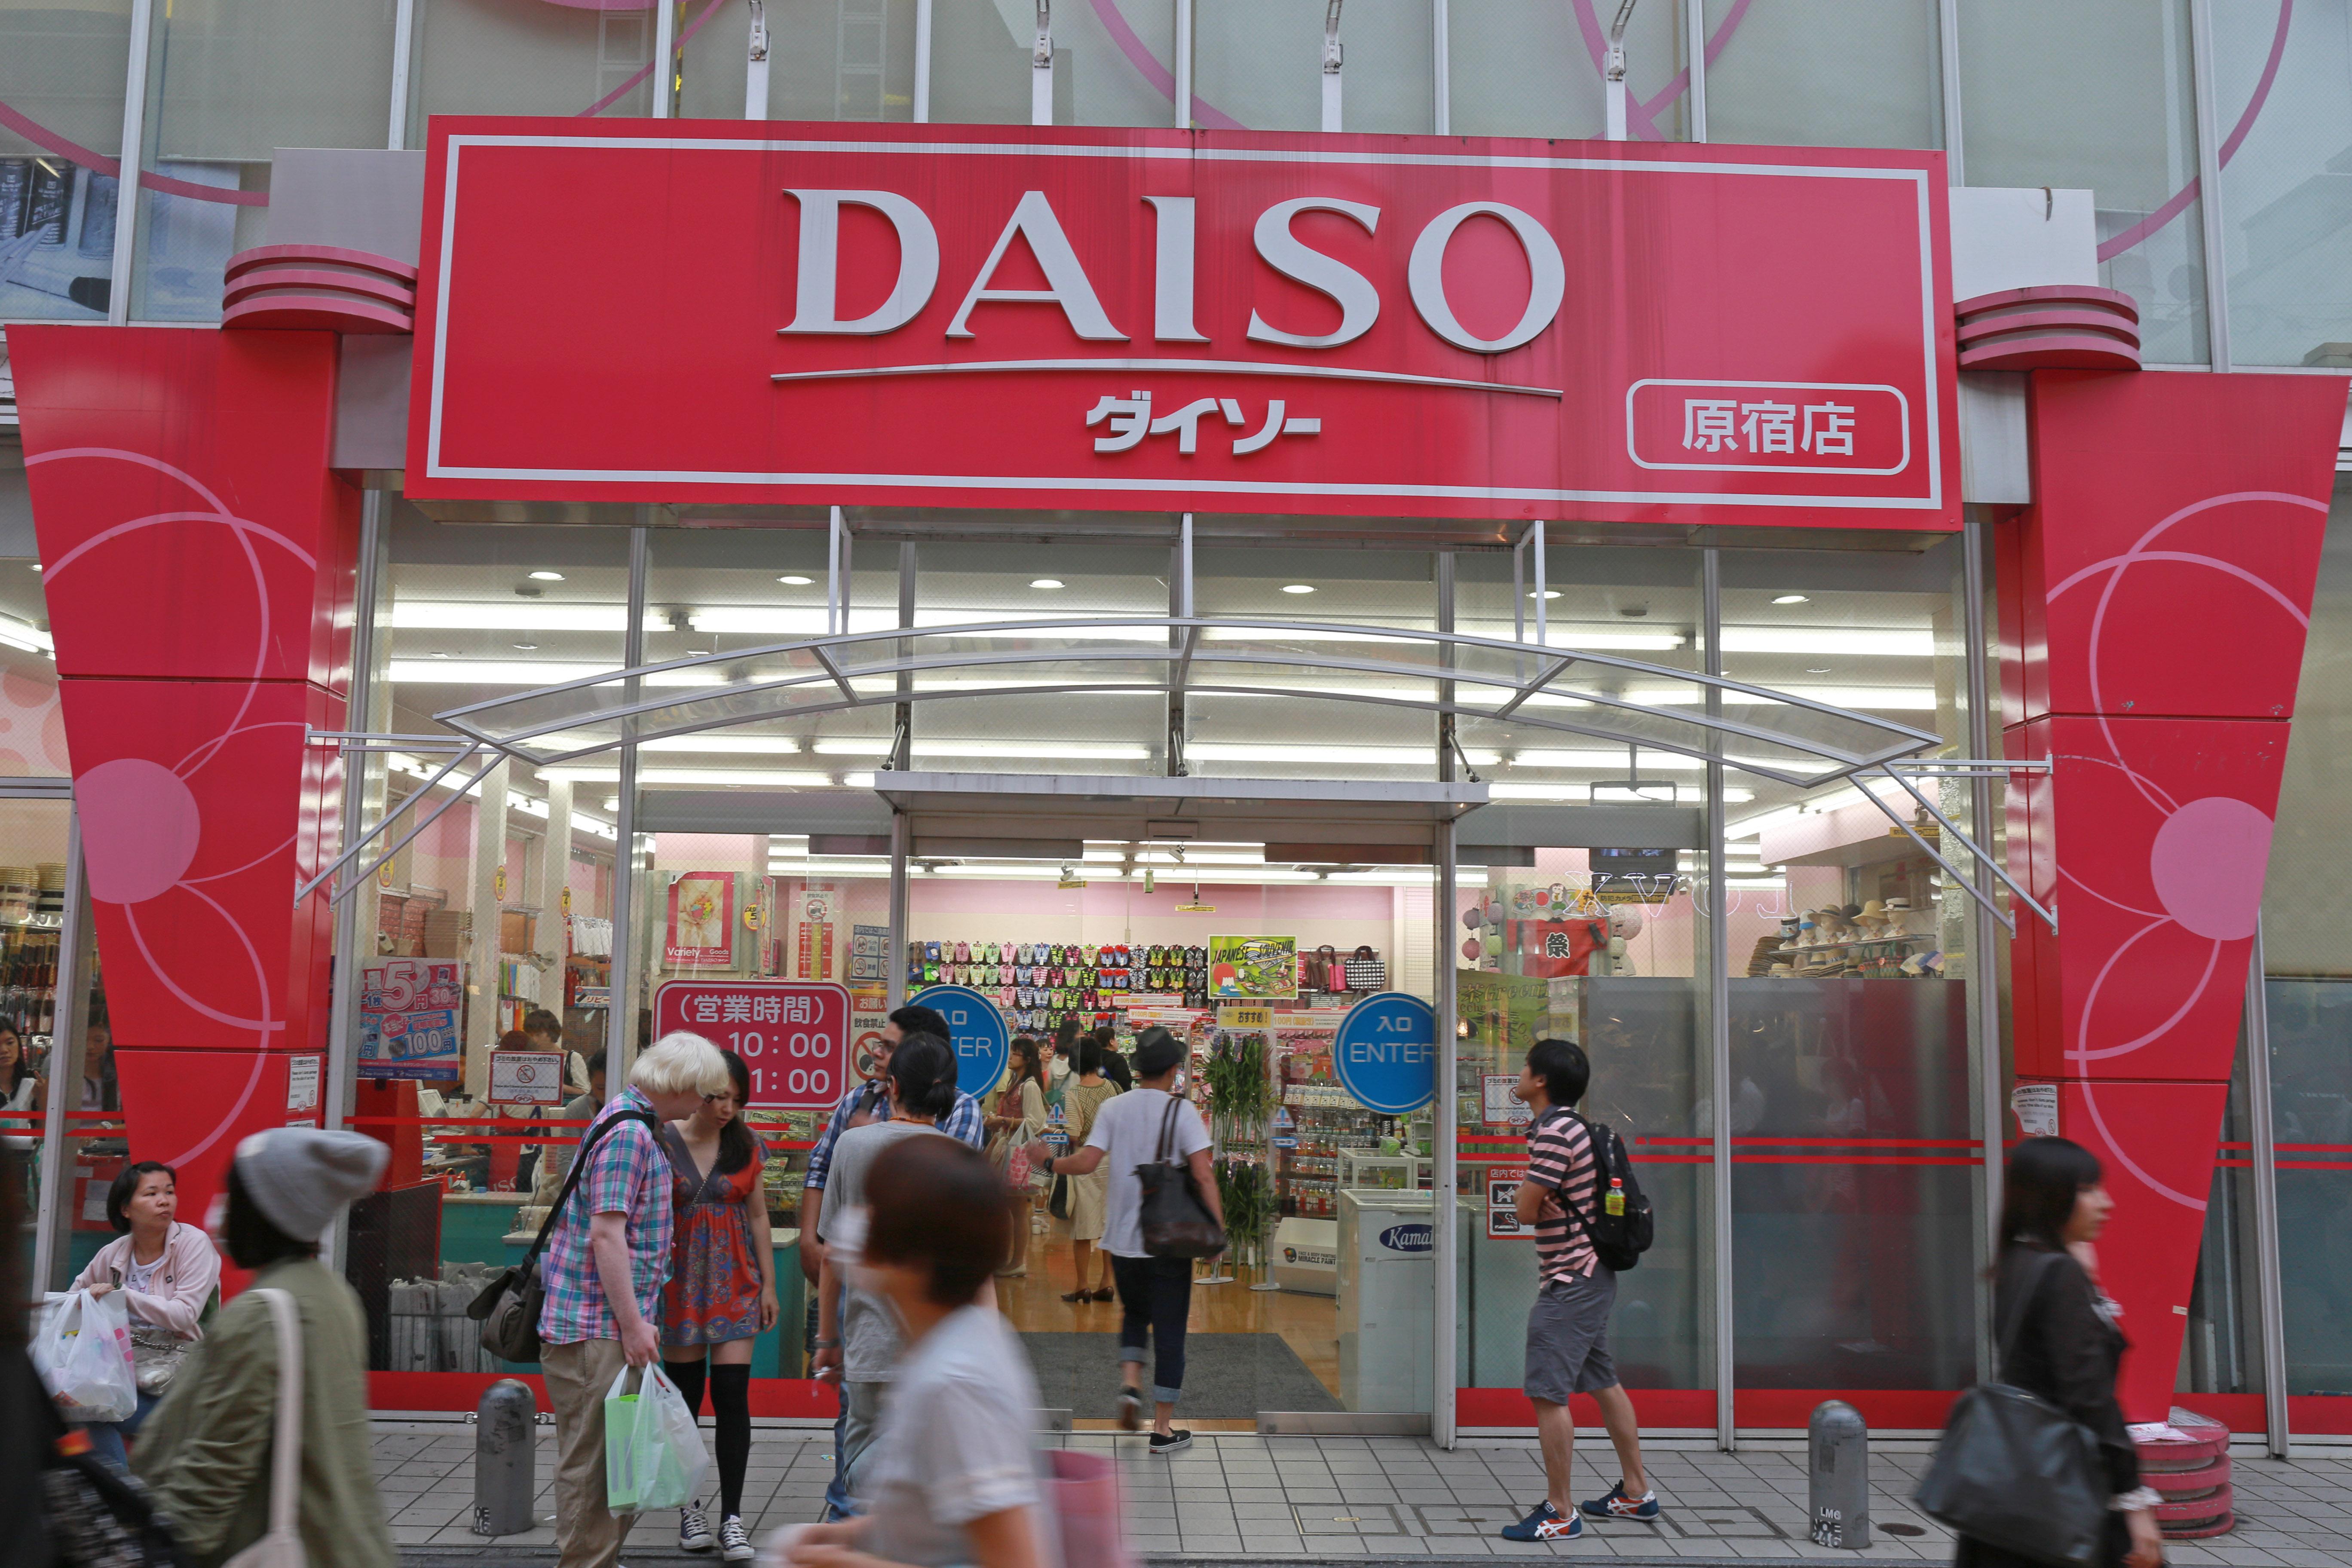 Daiso 100 Yen Store Harajuku